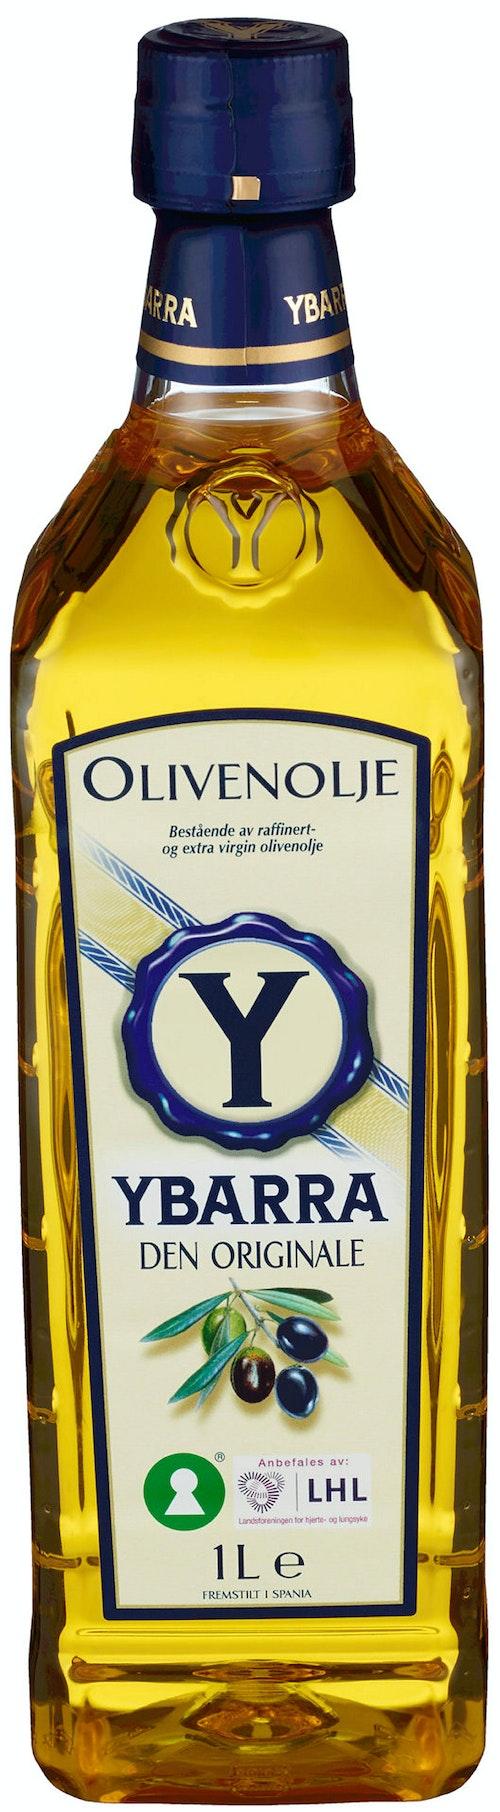 Ybarra Olivenolje 1 l